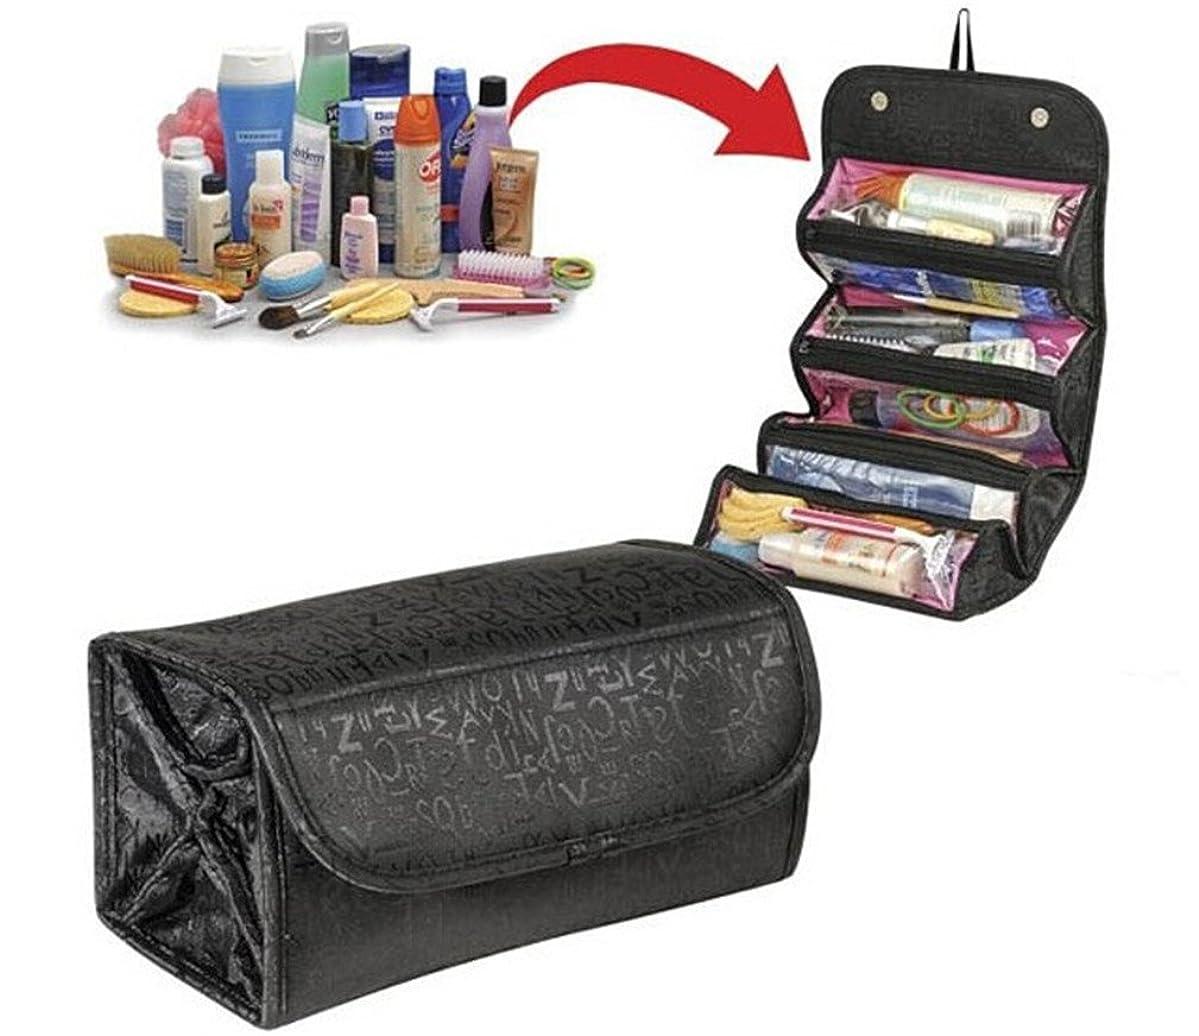 石化する歴史詐欺師Cosmetic Bag DE LAMP Round Roll-N-GO Makeup Case Travel Pouch Smart Toiletry Bag 2 pack